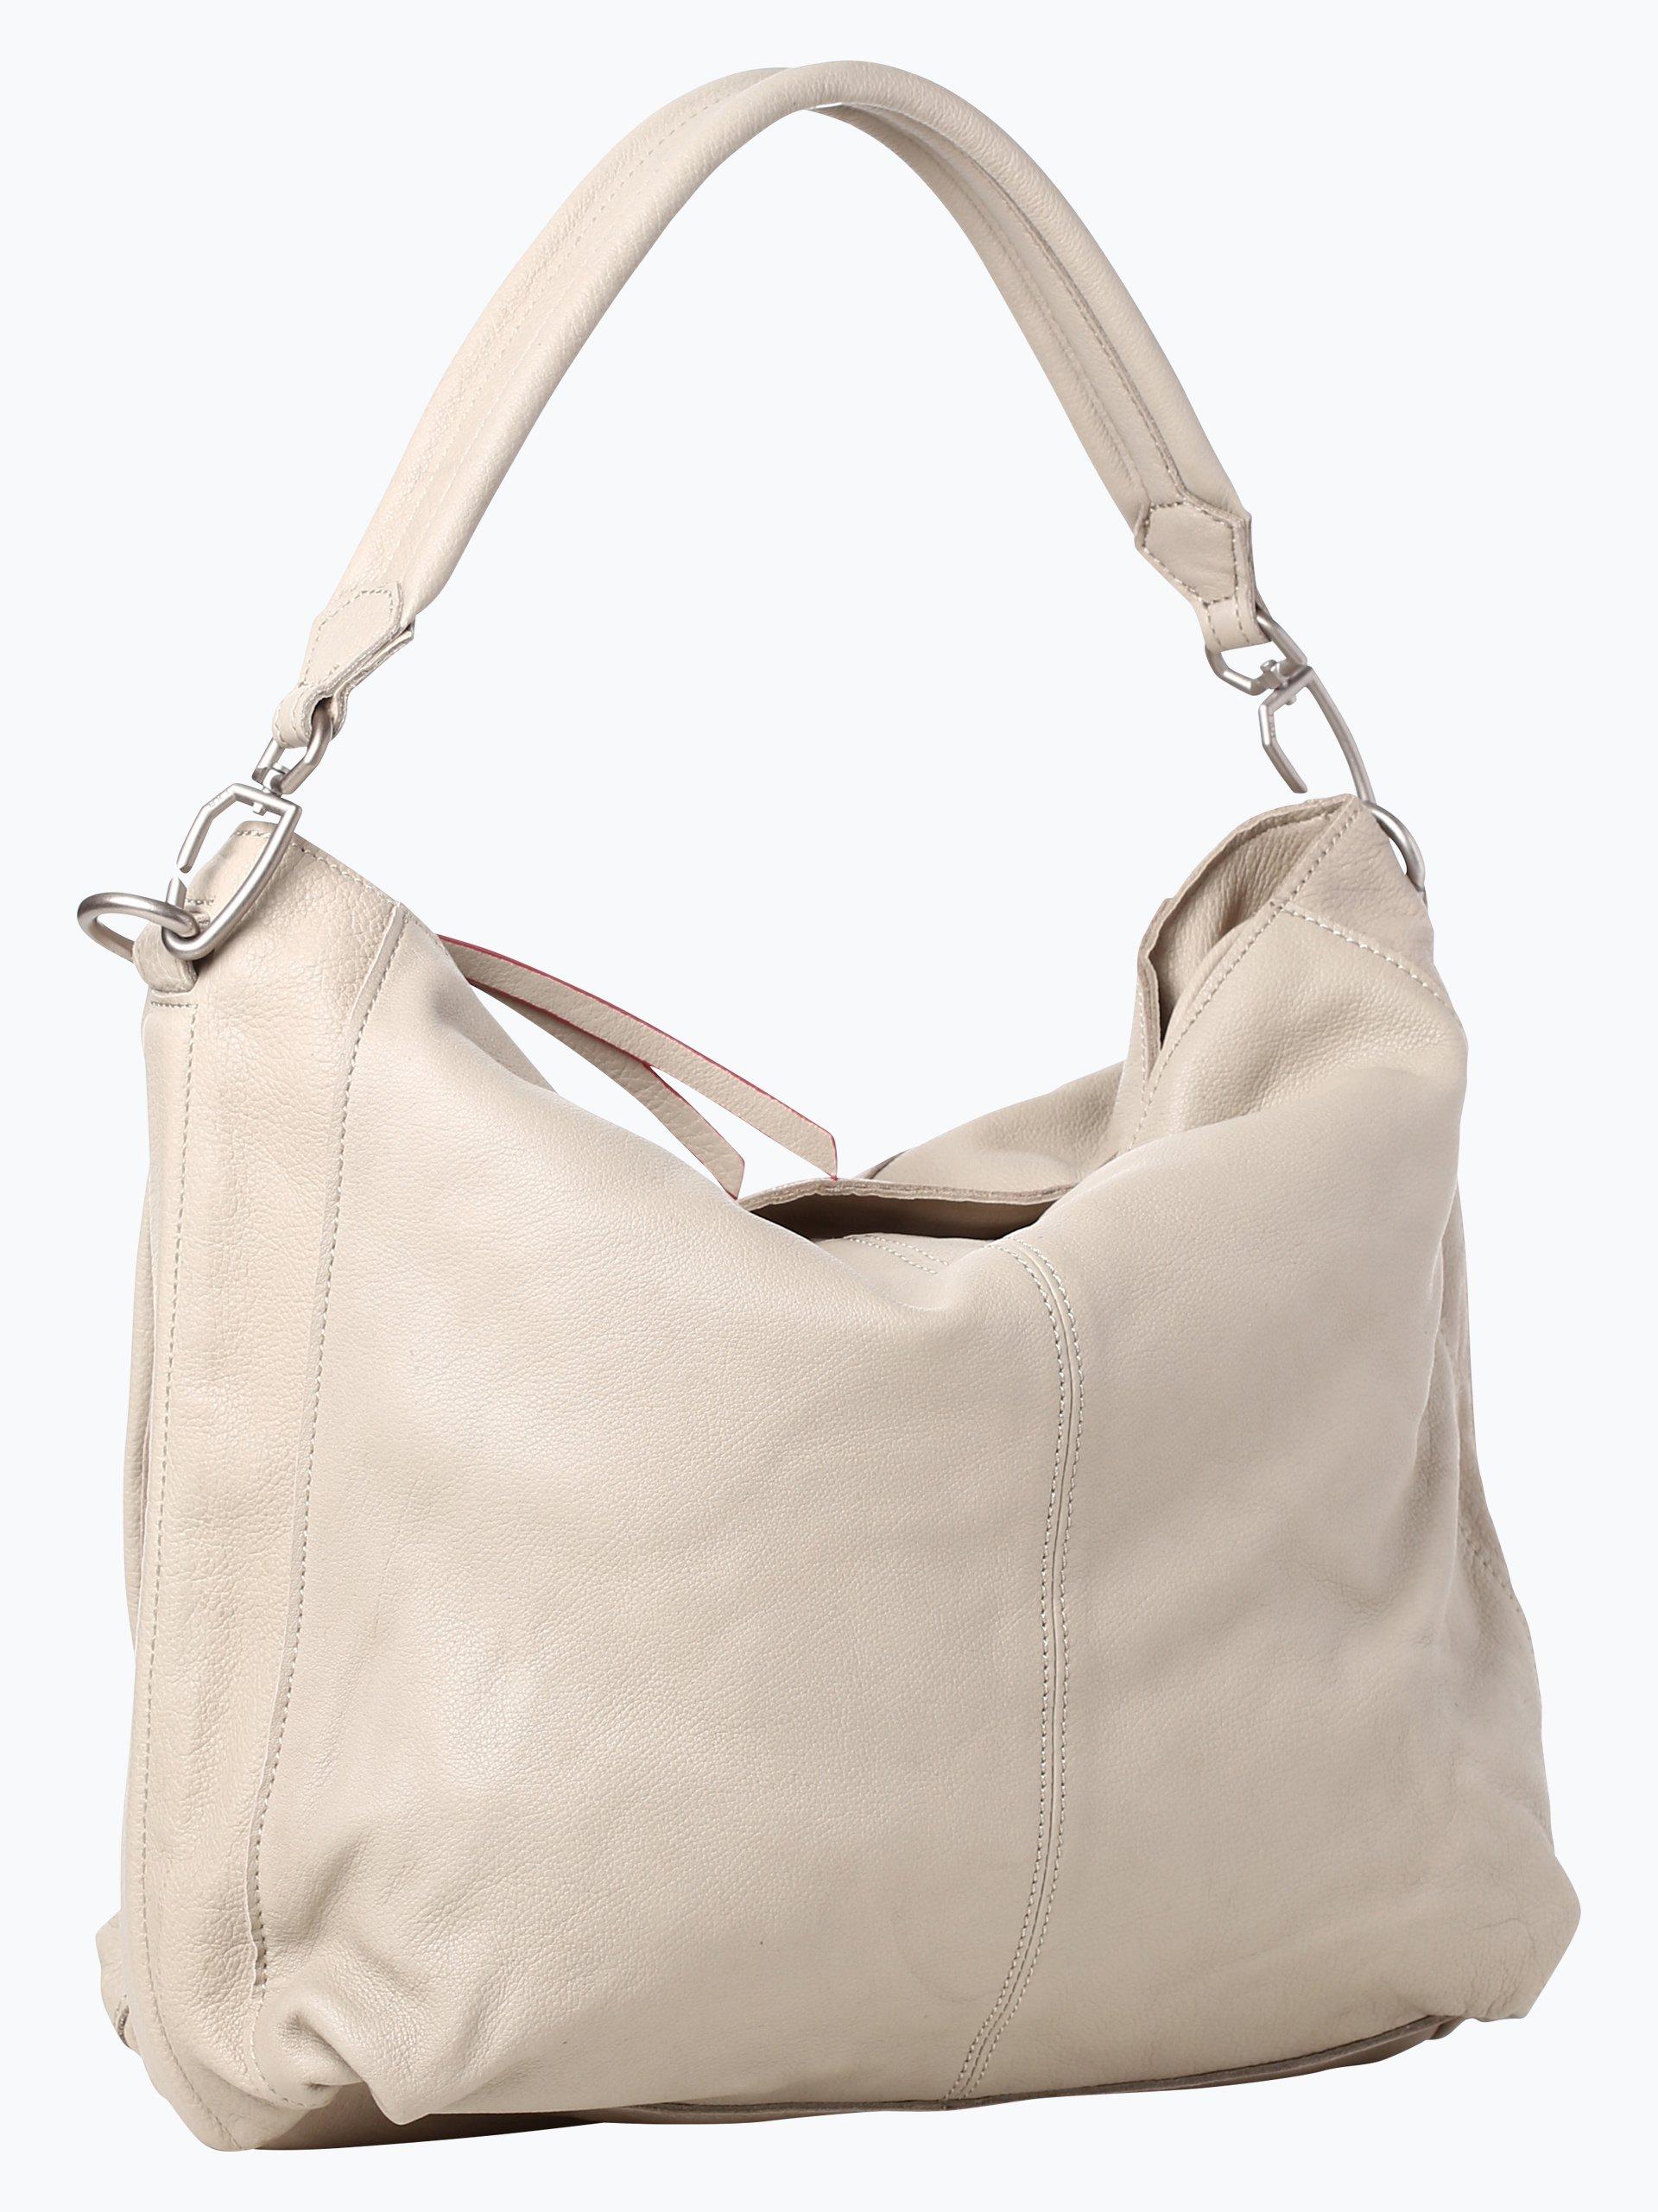 Liebeskind Damen Handtasche aus Leder - Miramar